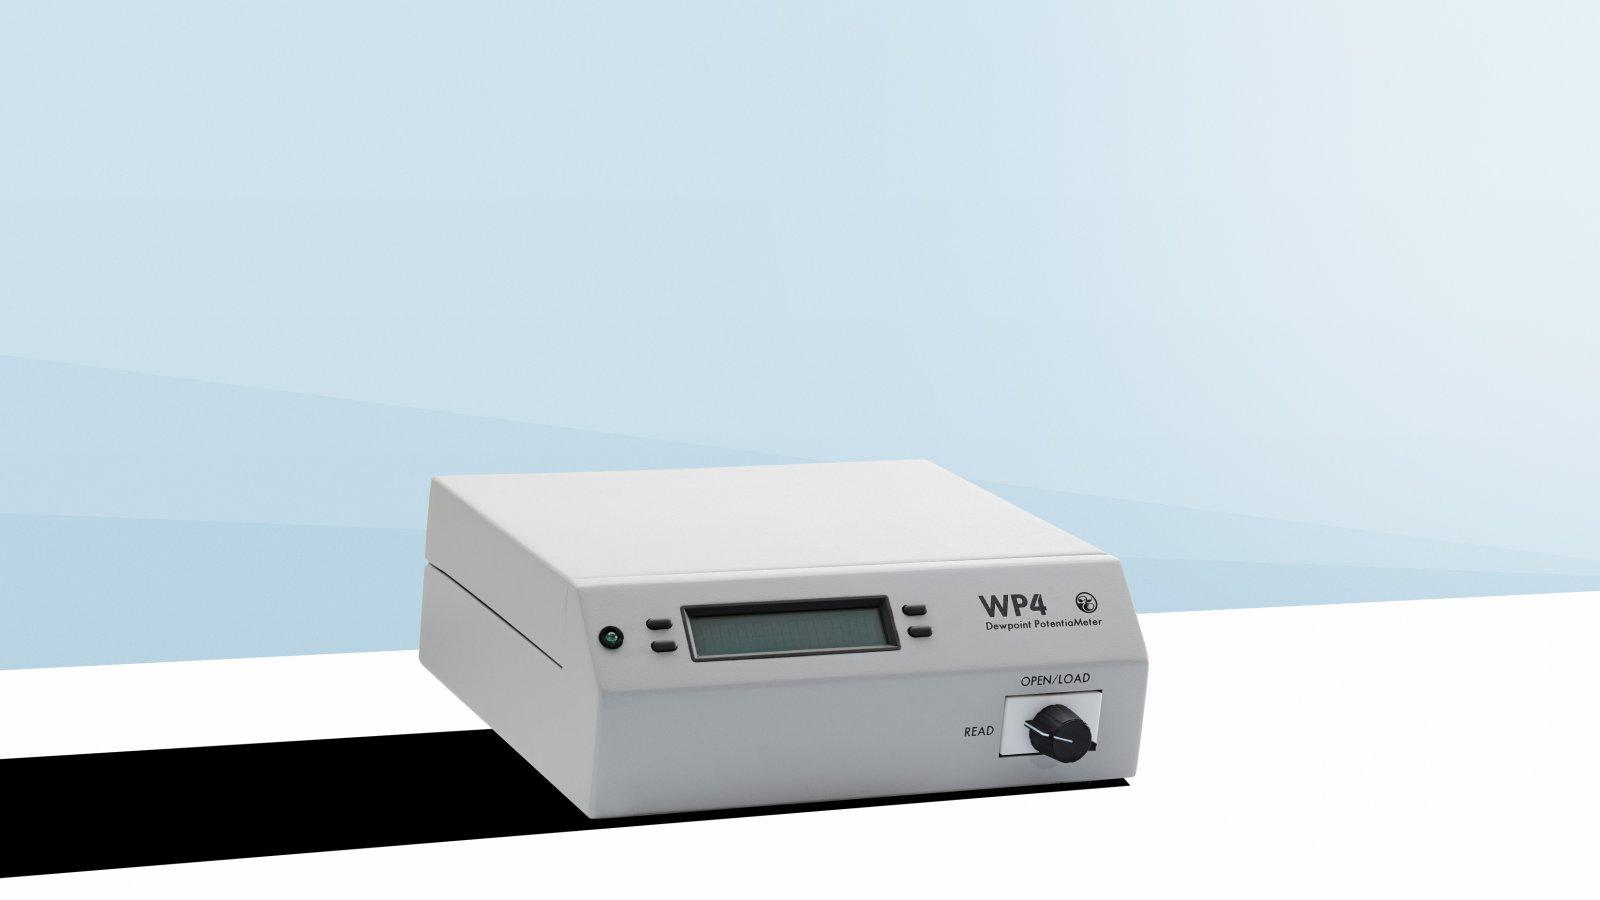 WP4C-1600x900